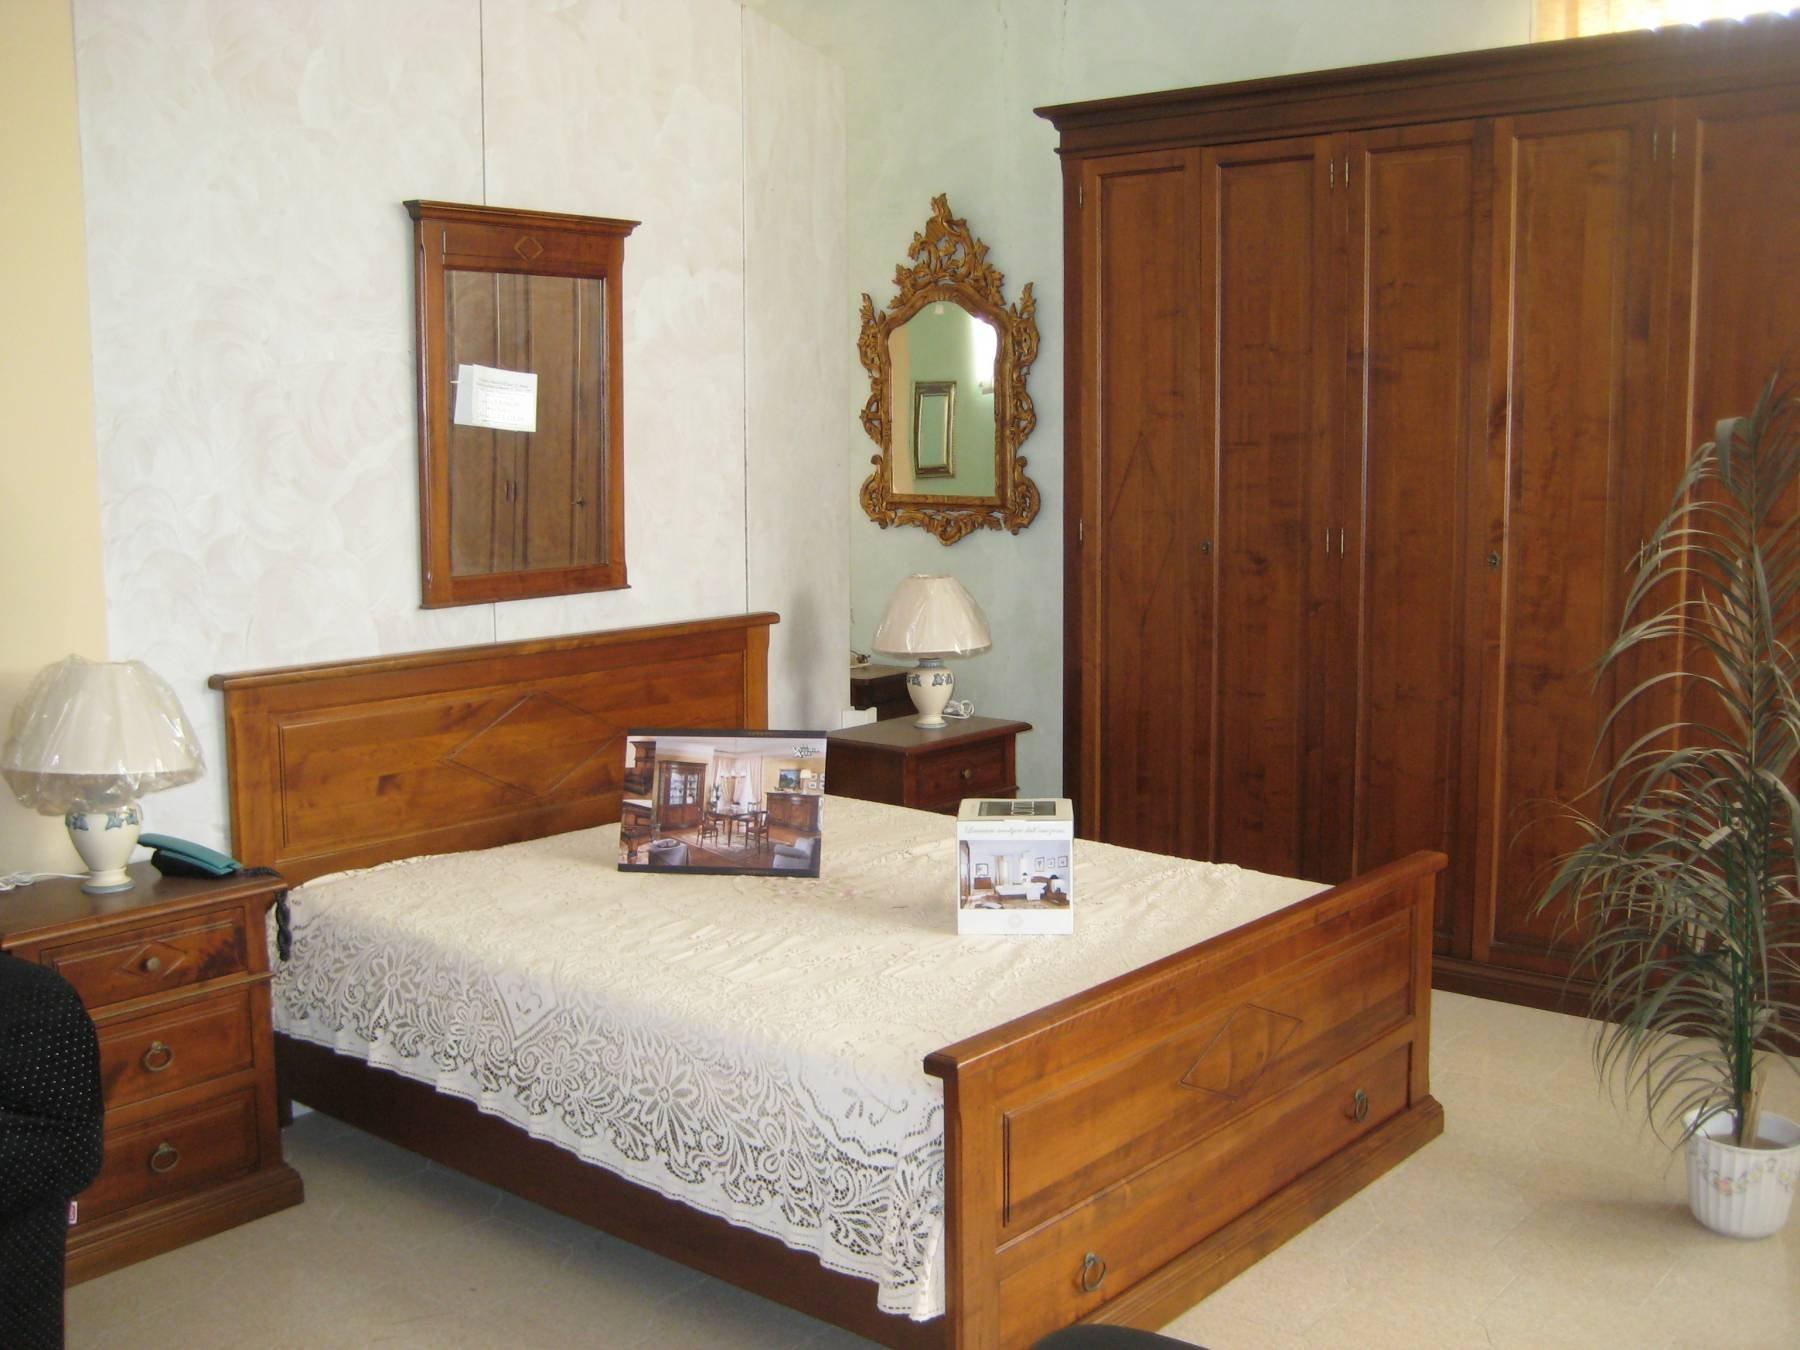 Armadio camera da letto arte povera design casa creativa for Camera letto mobili